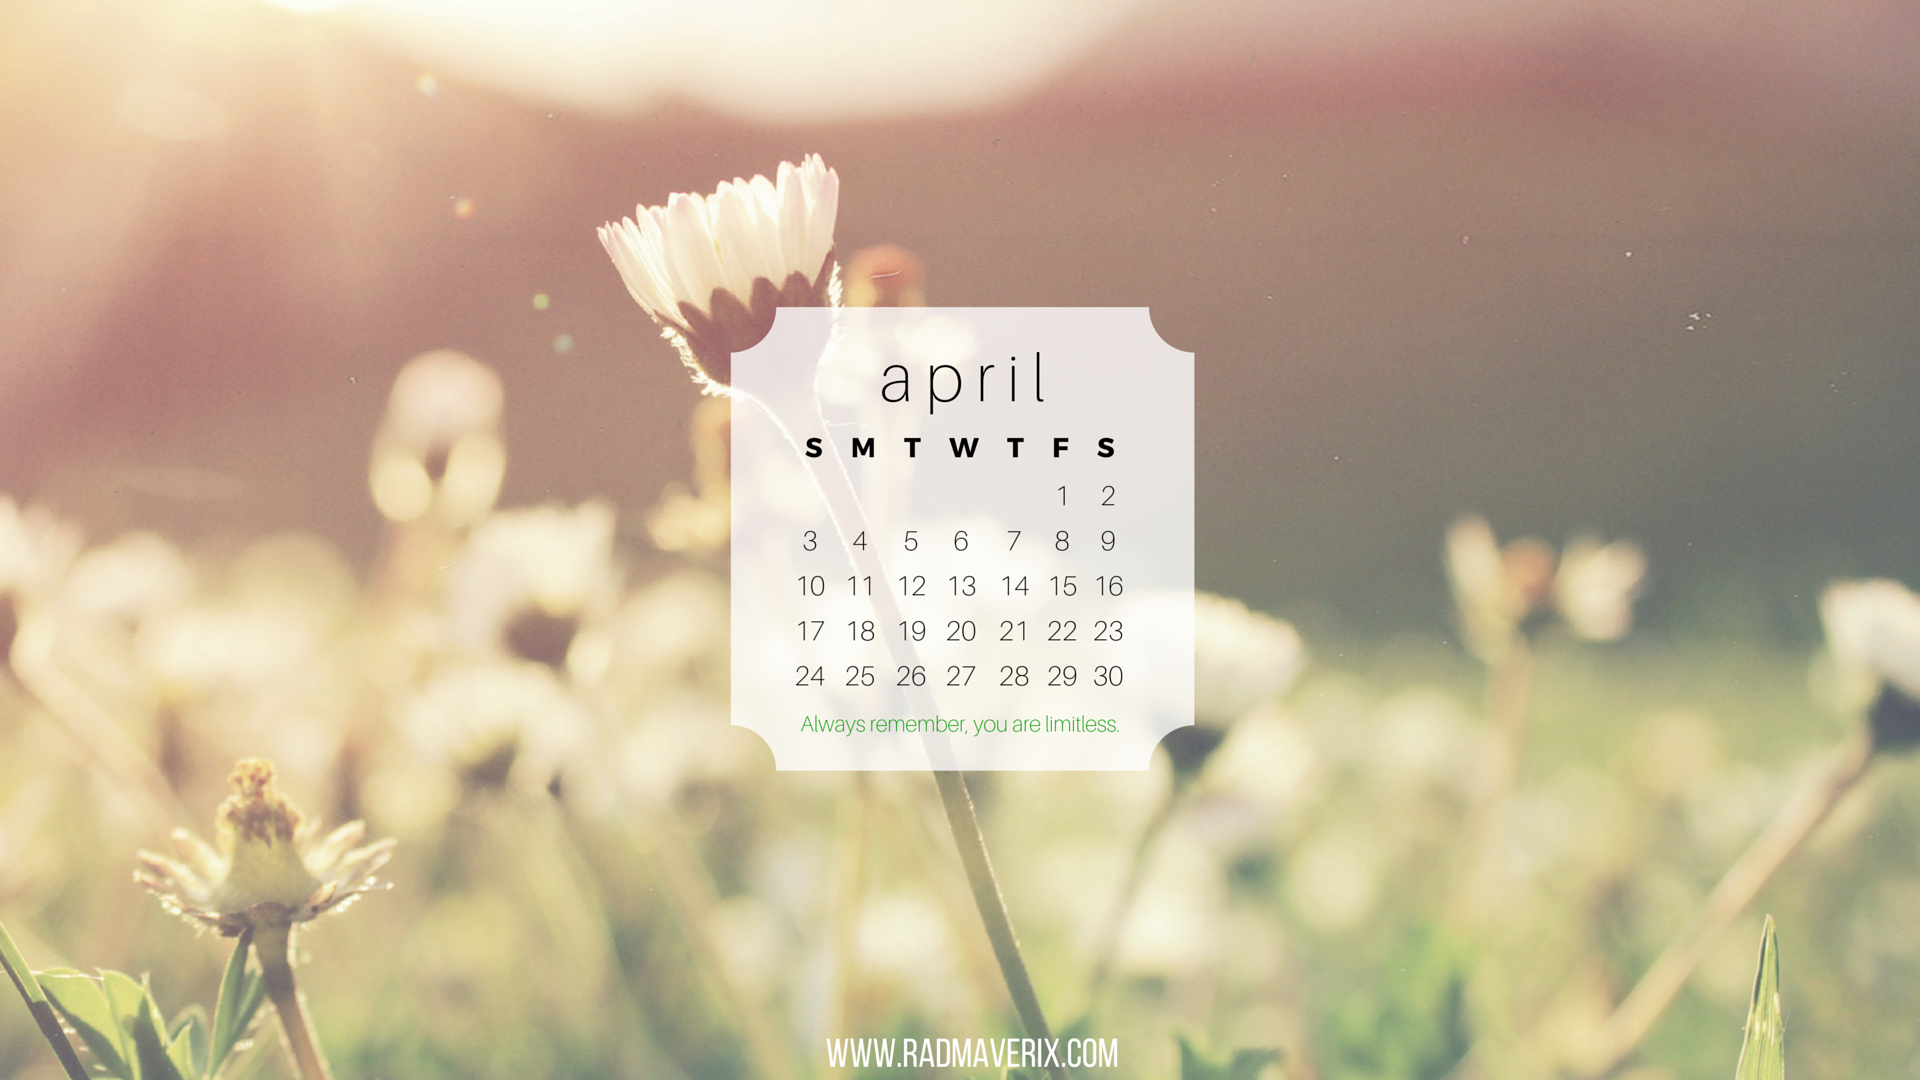 Rad Maverix April 2016 Calendar